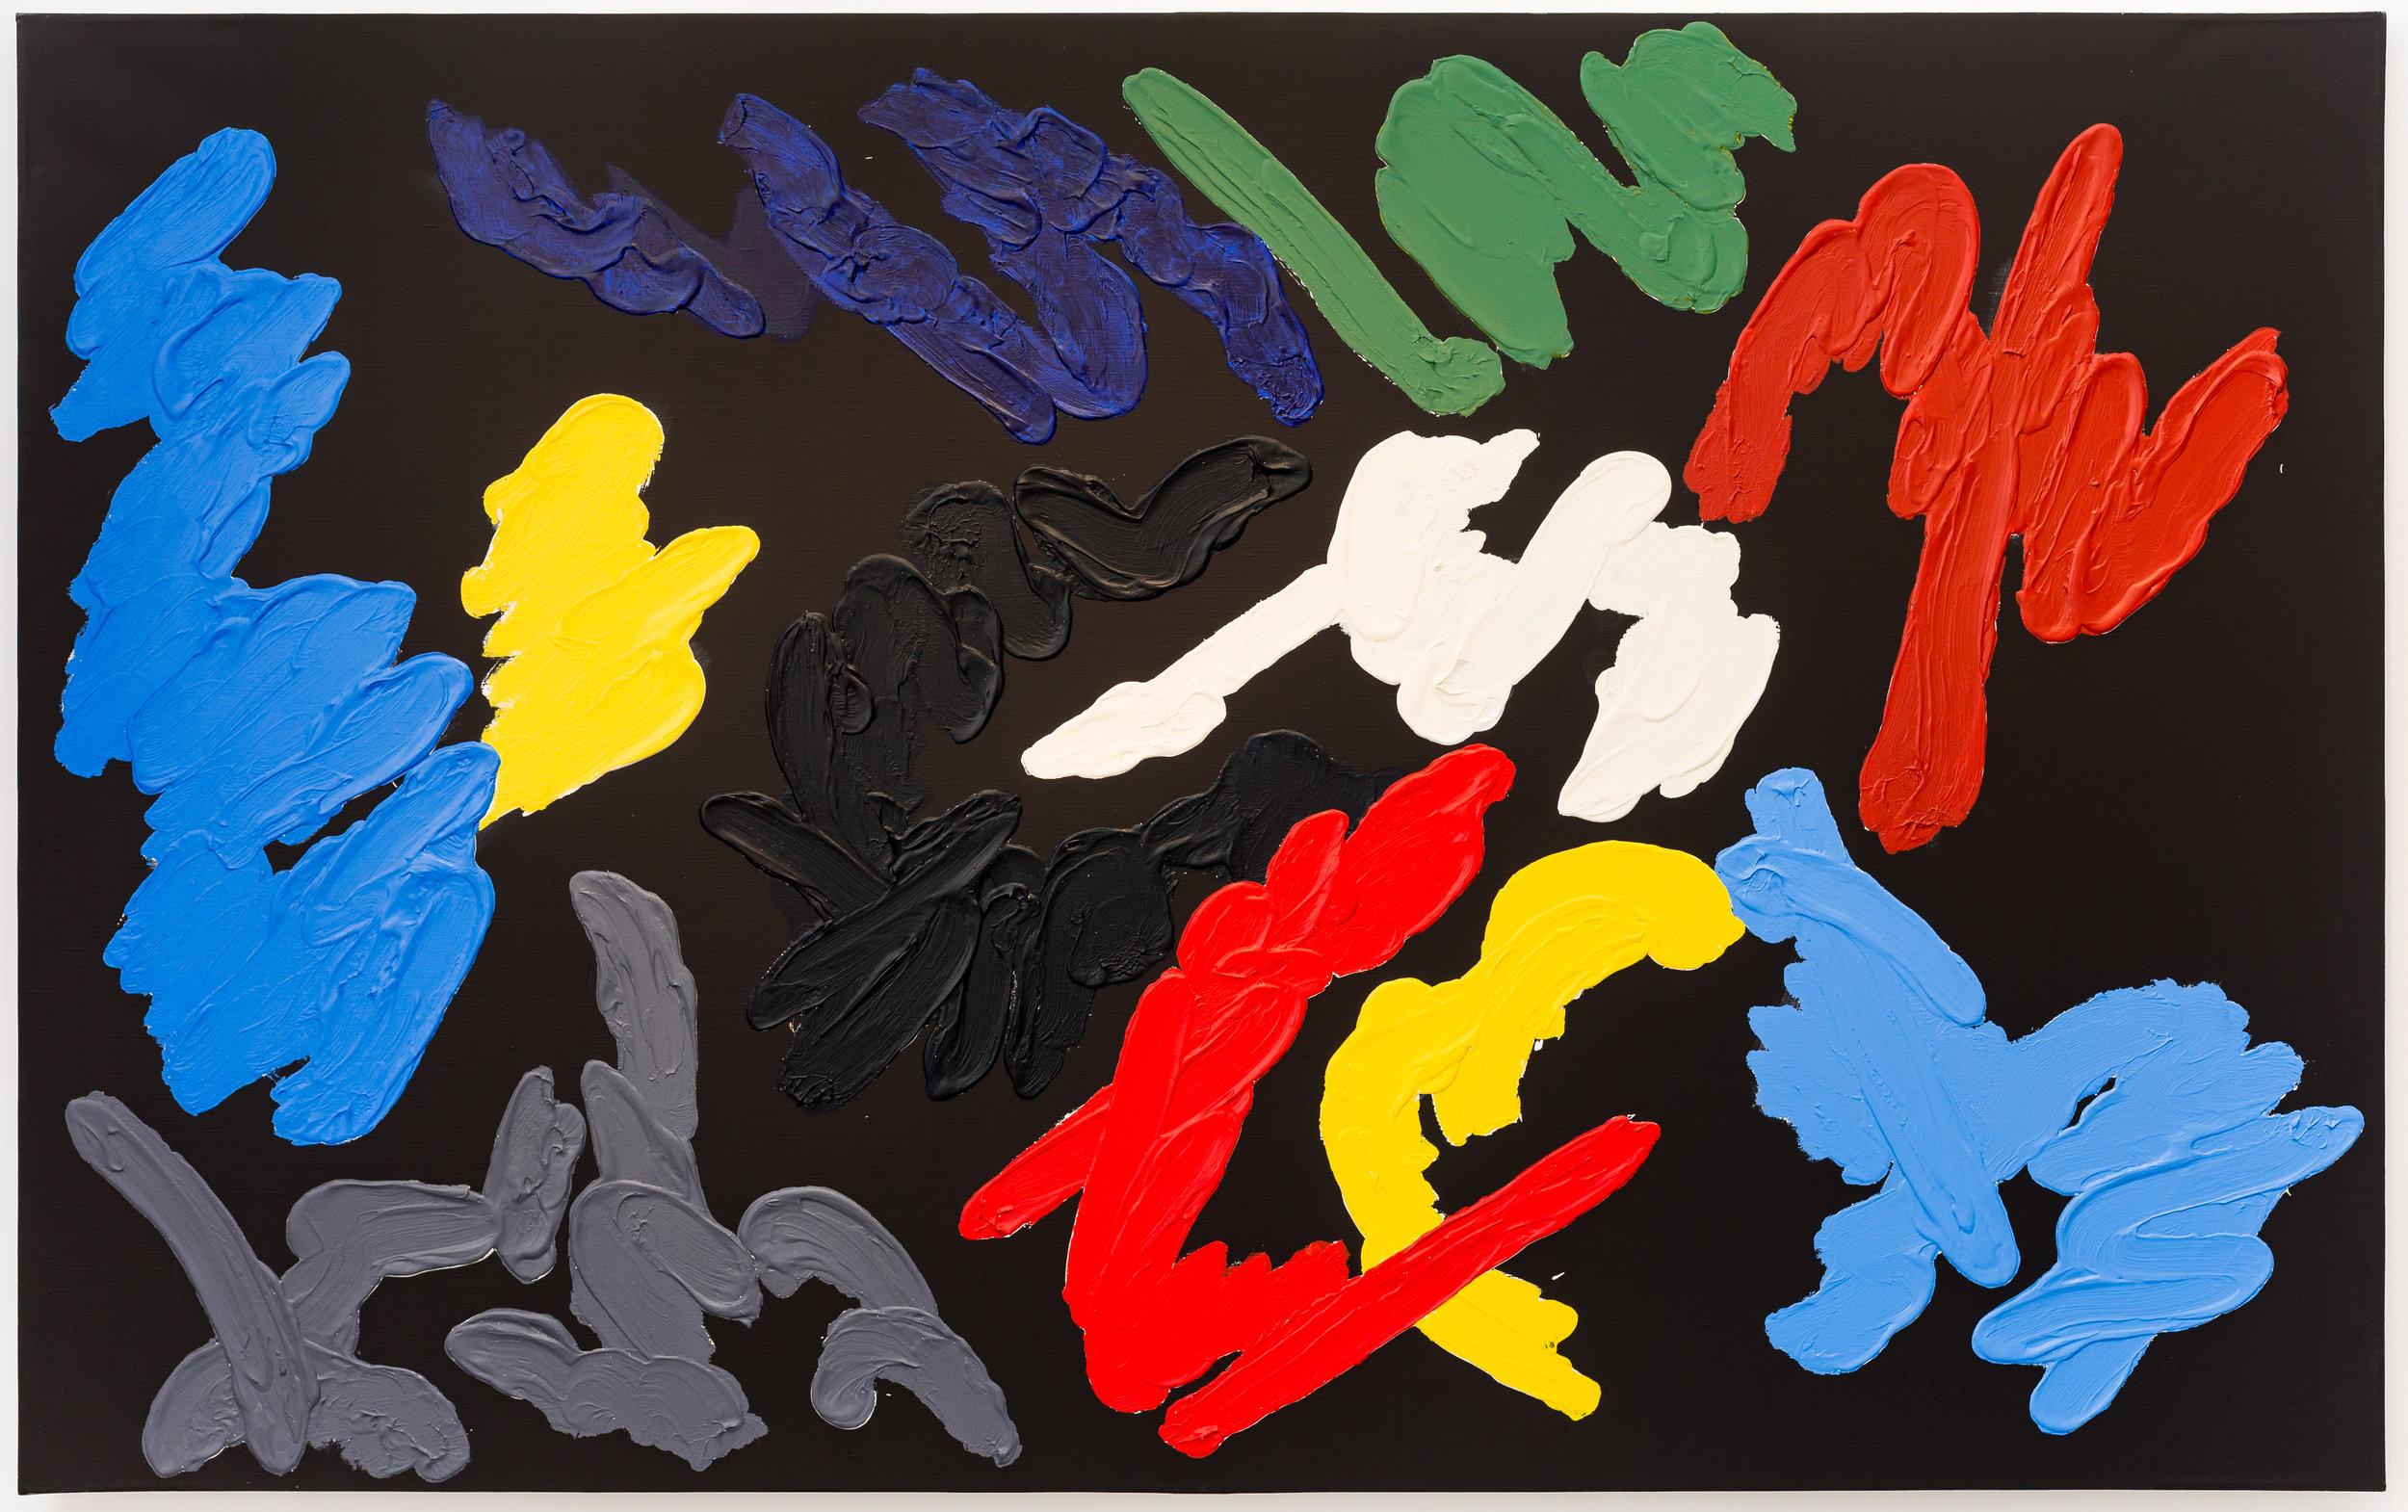 Noir. Acrylic on canvas,1983.Courtesy of Jean-Paul Najar Foundation (JPNF)